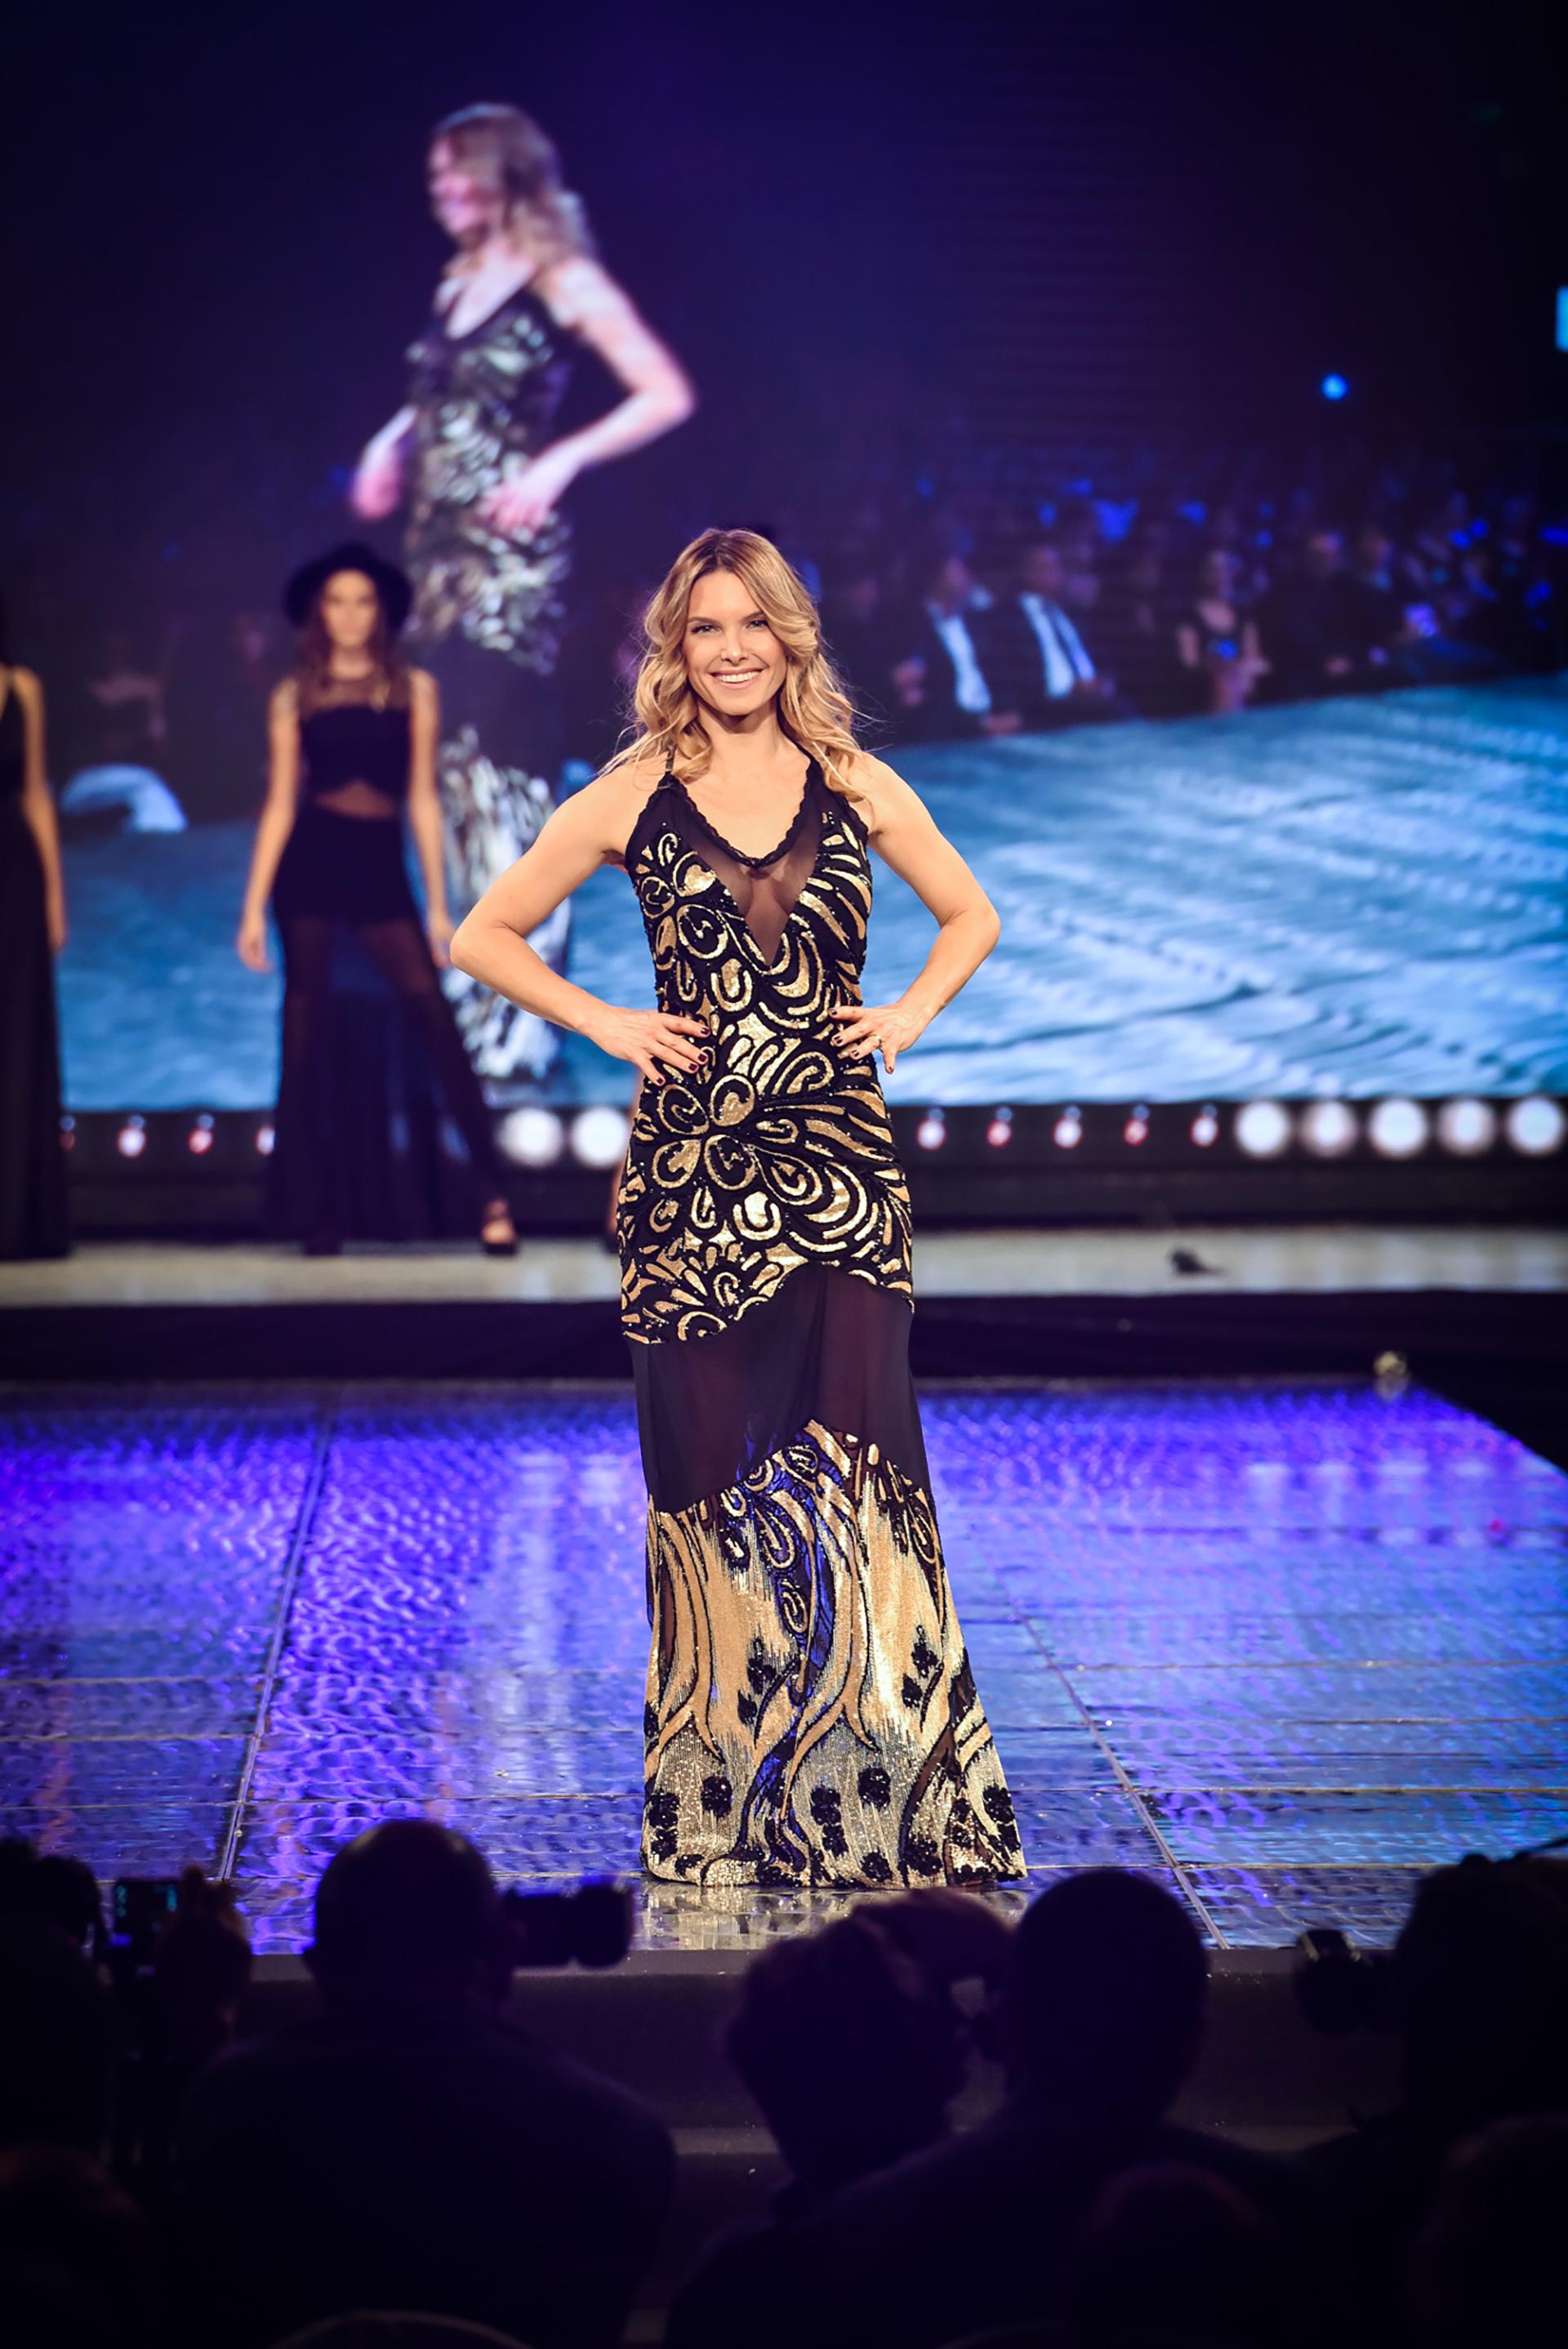 Para la diseñadora, en sus prendas, la mujer armoniza sensualidad y elegancia